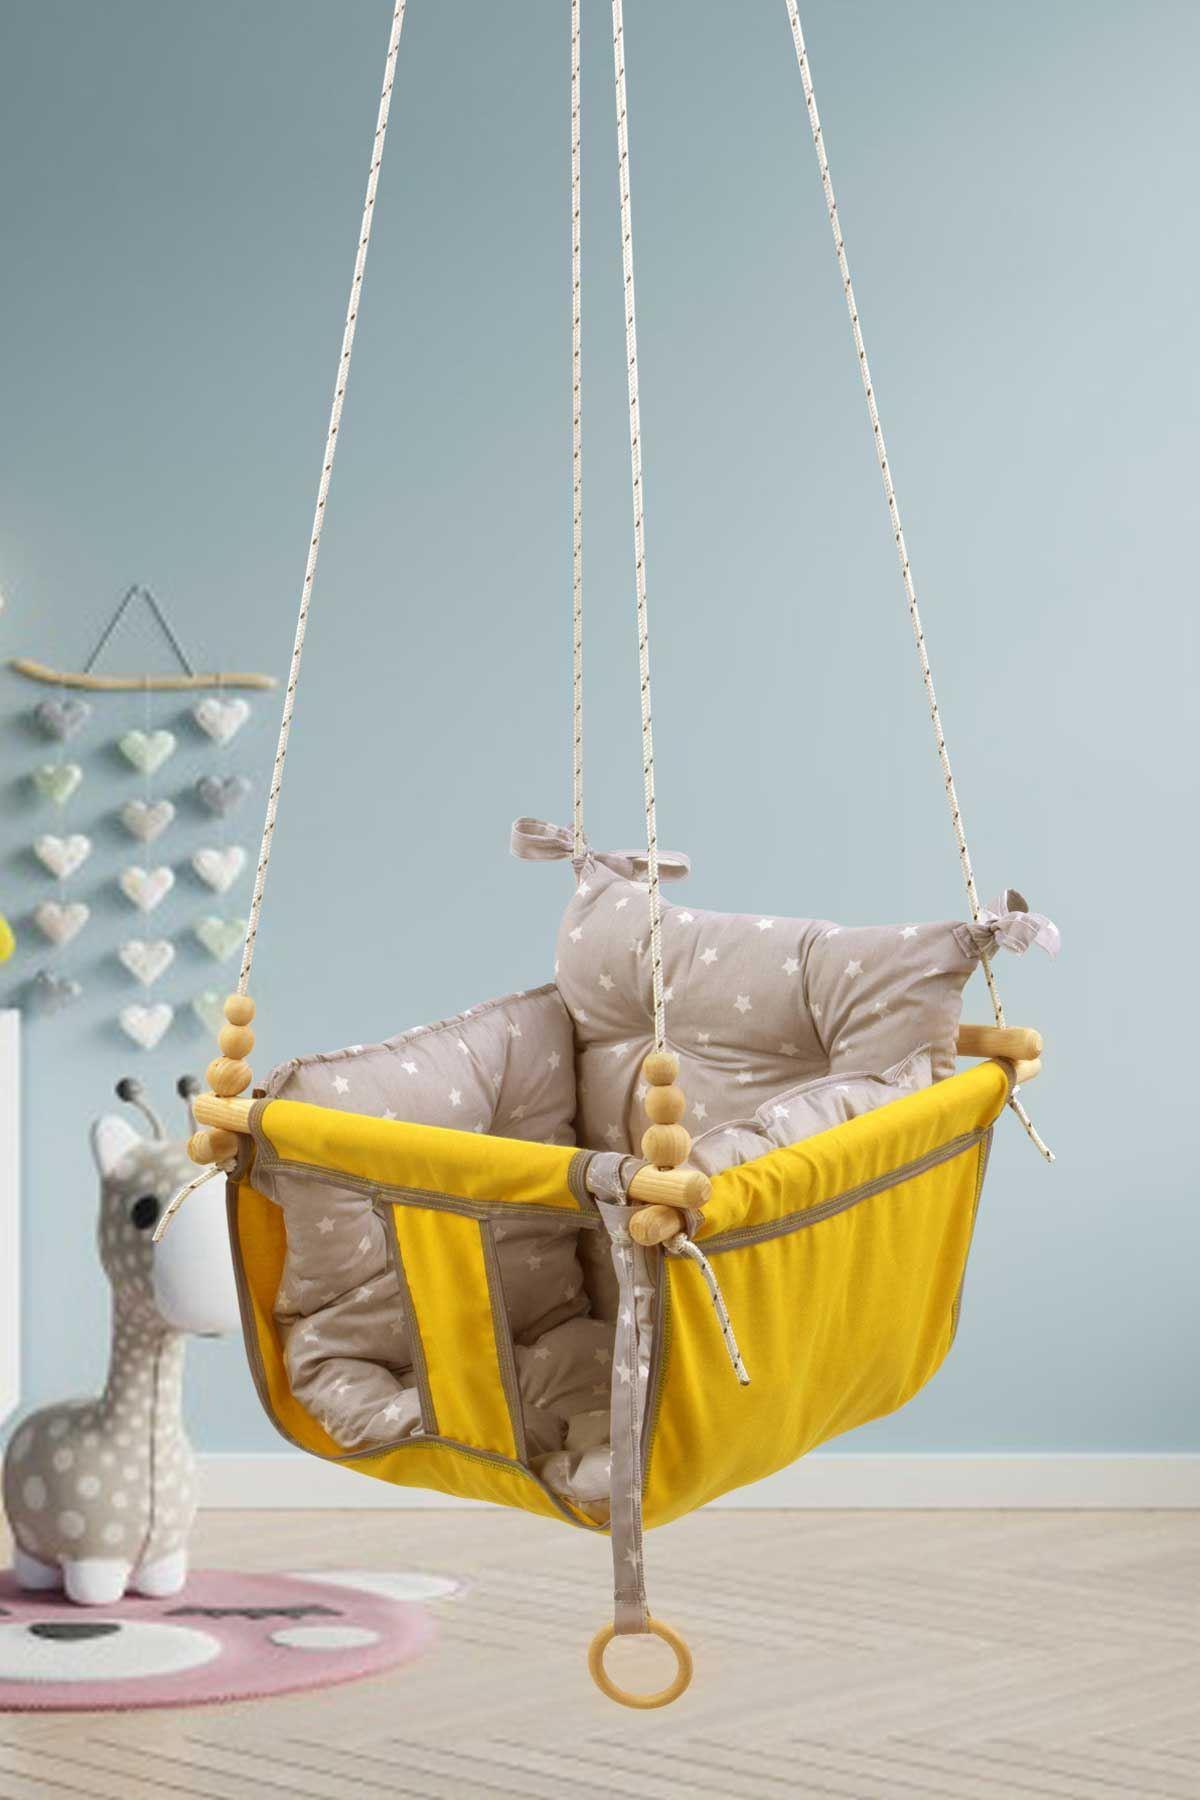 Sarı Bundera Wag Swing Çocuk Ahşap Salıncak Bebek Hamak Bahçe Salıcağı